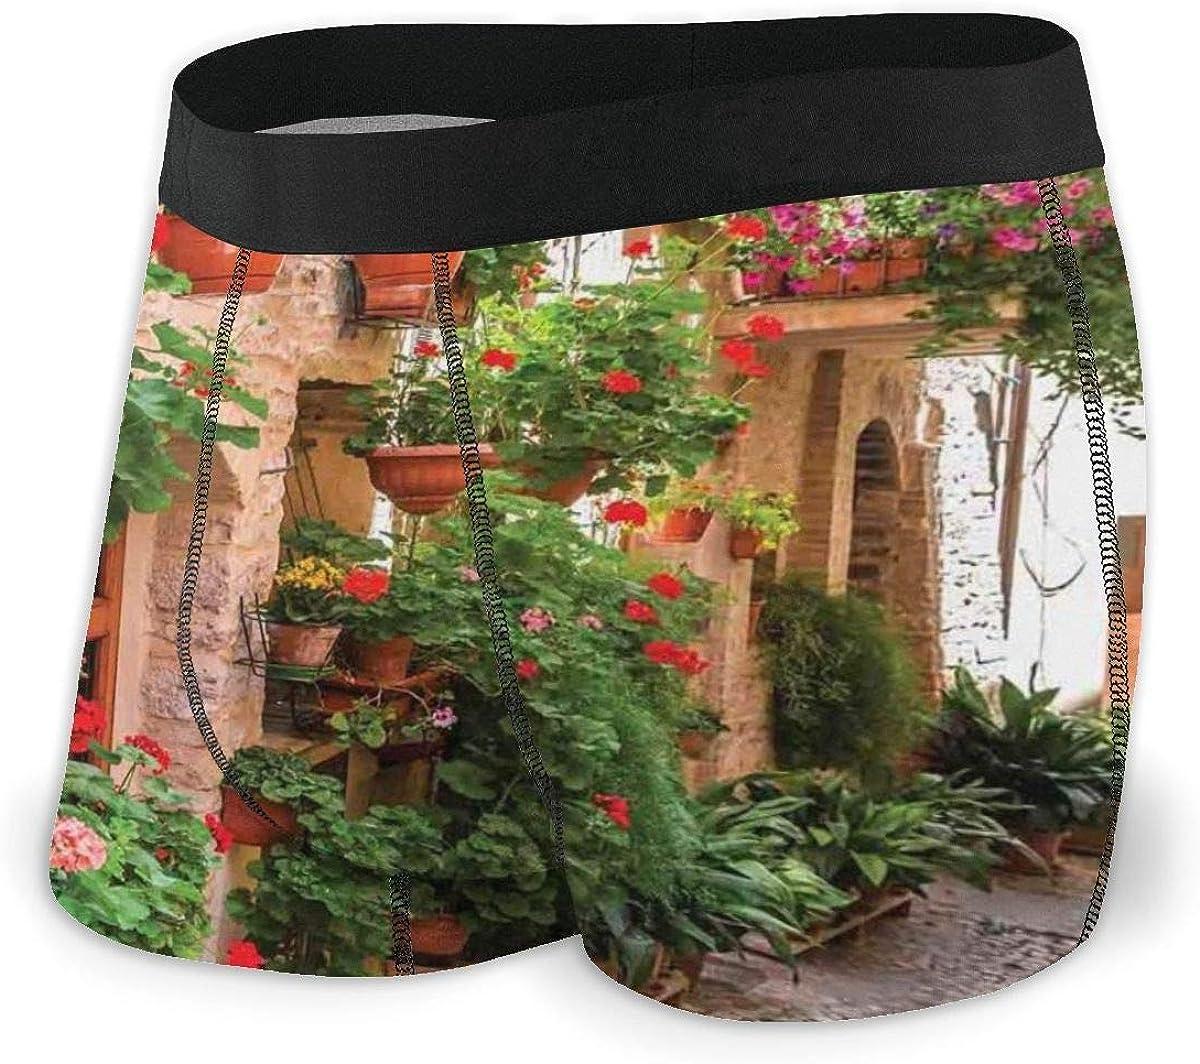 Web--ster Calzoncillos bóxer para Hombre, Vista a la Calle de una pequeña Ciudad renacentista con porches Florales y Roca mediterránea Talla L